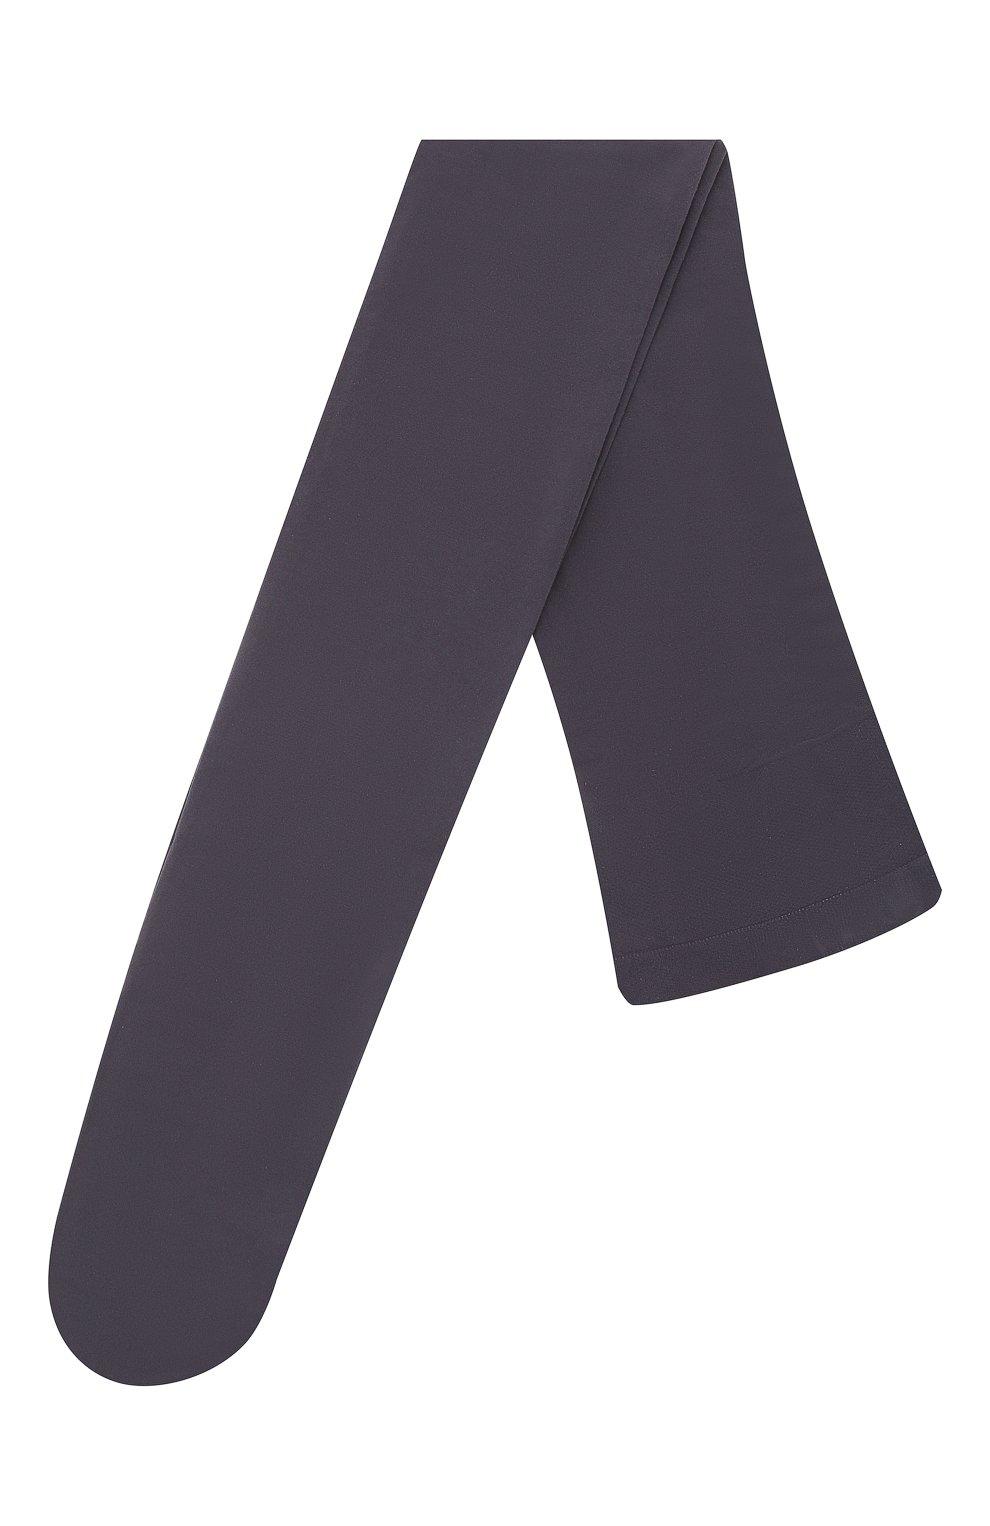 Детские колготки dance collection 30 den YULA черного цвета, арт. YU-34   Фото 1 (Материал: Текстиль, Синтетический материал; Статус проверки: Проверено, Проверена категория)